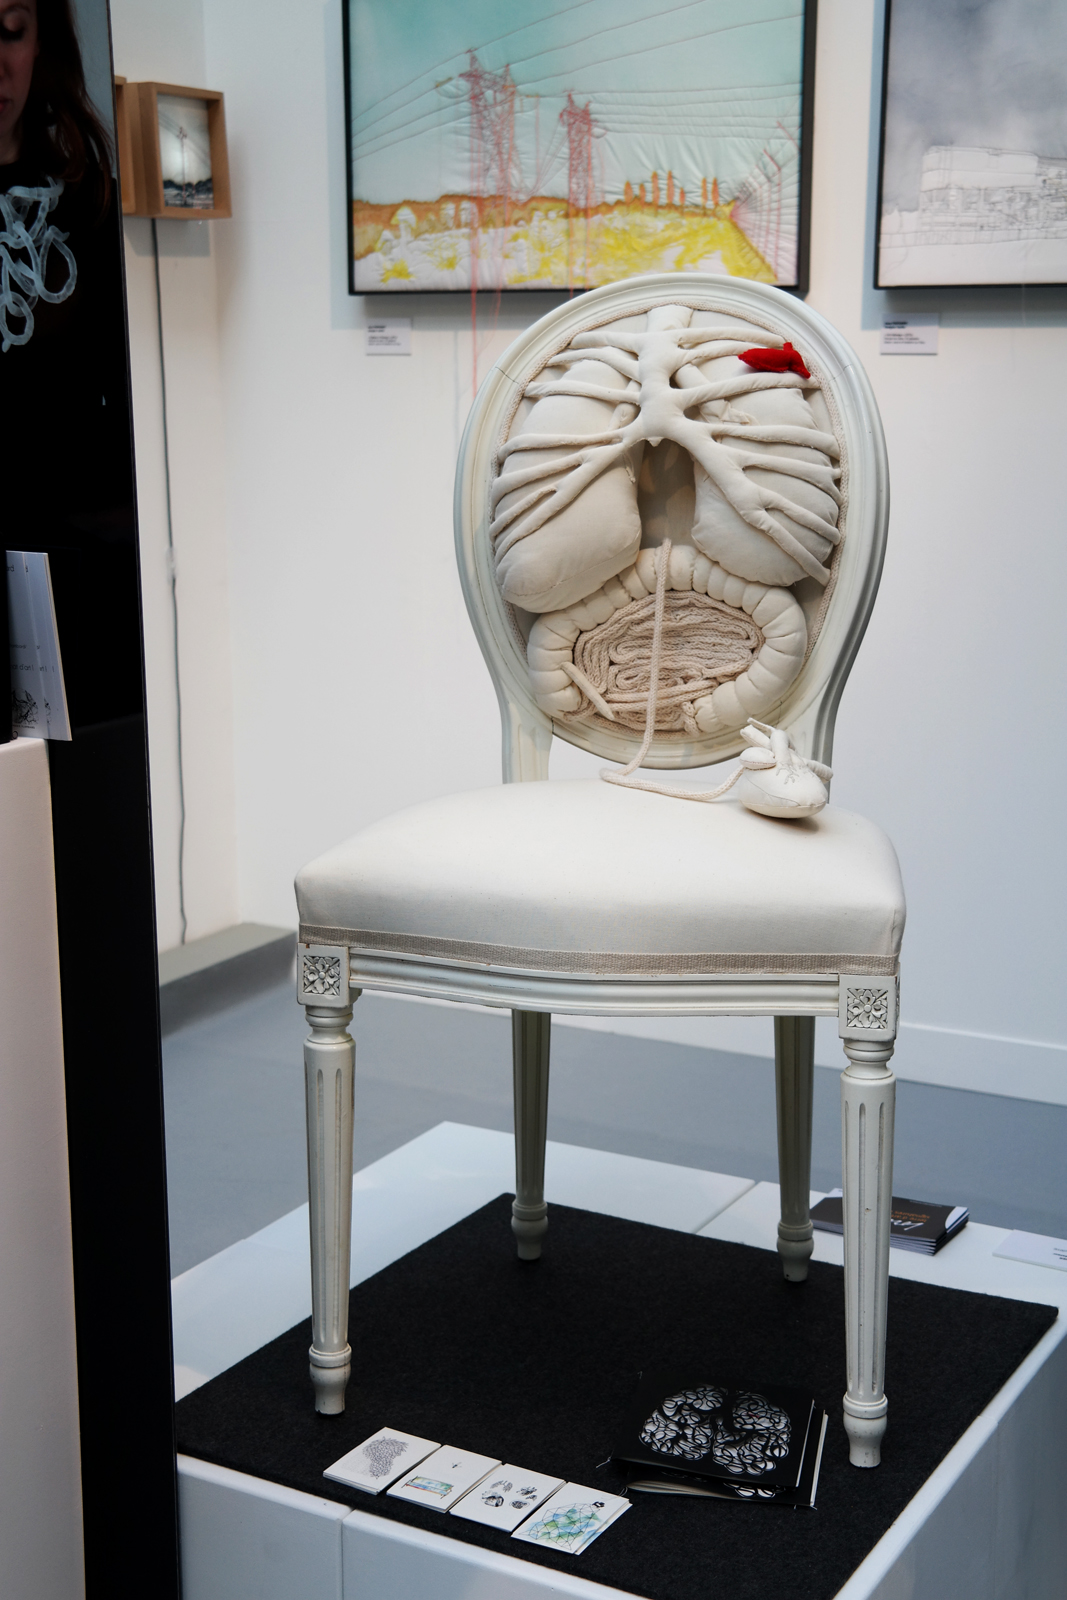 Chaise anatomique anatomical chair by Pauline Krier & Anouk Cazin stand Lorraine Salon Révélations 2015 Grand Palais Paris métiers art et création